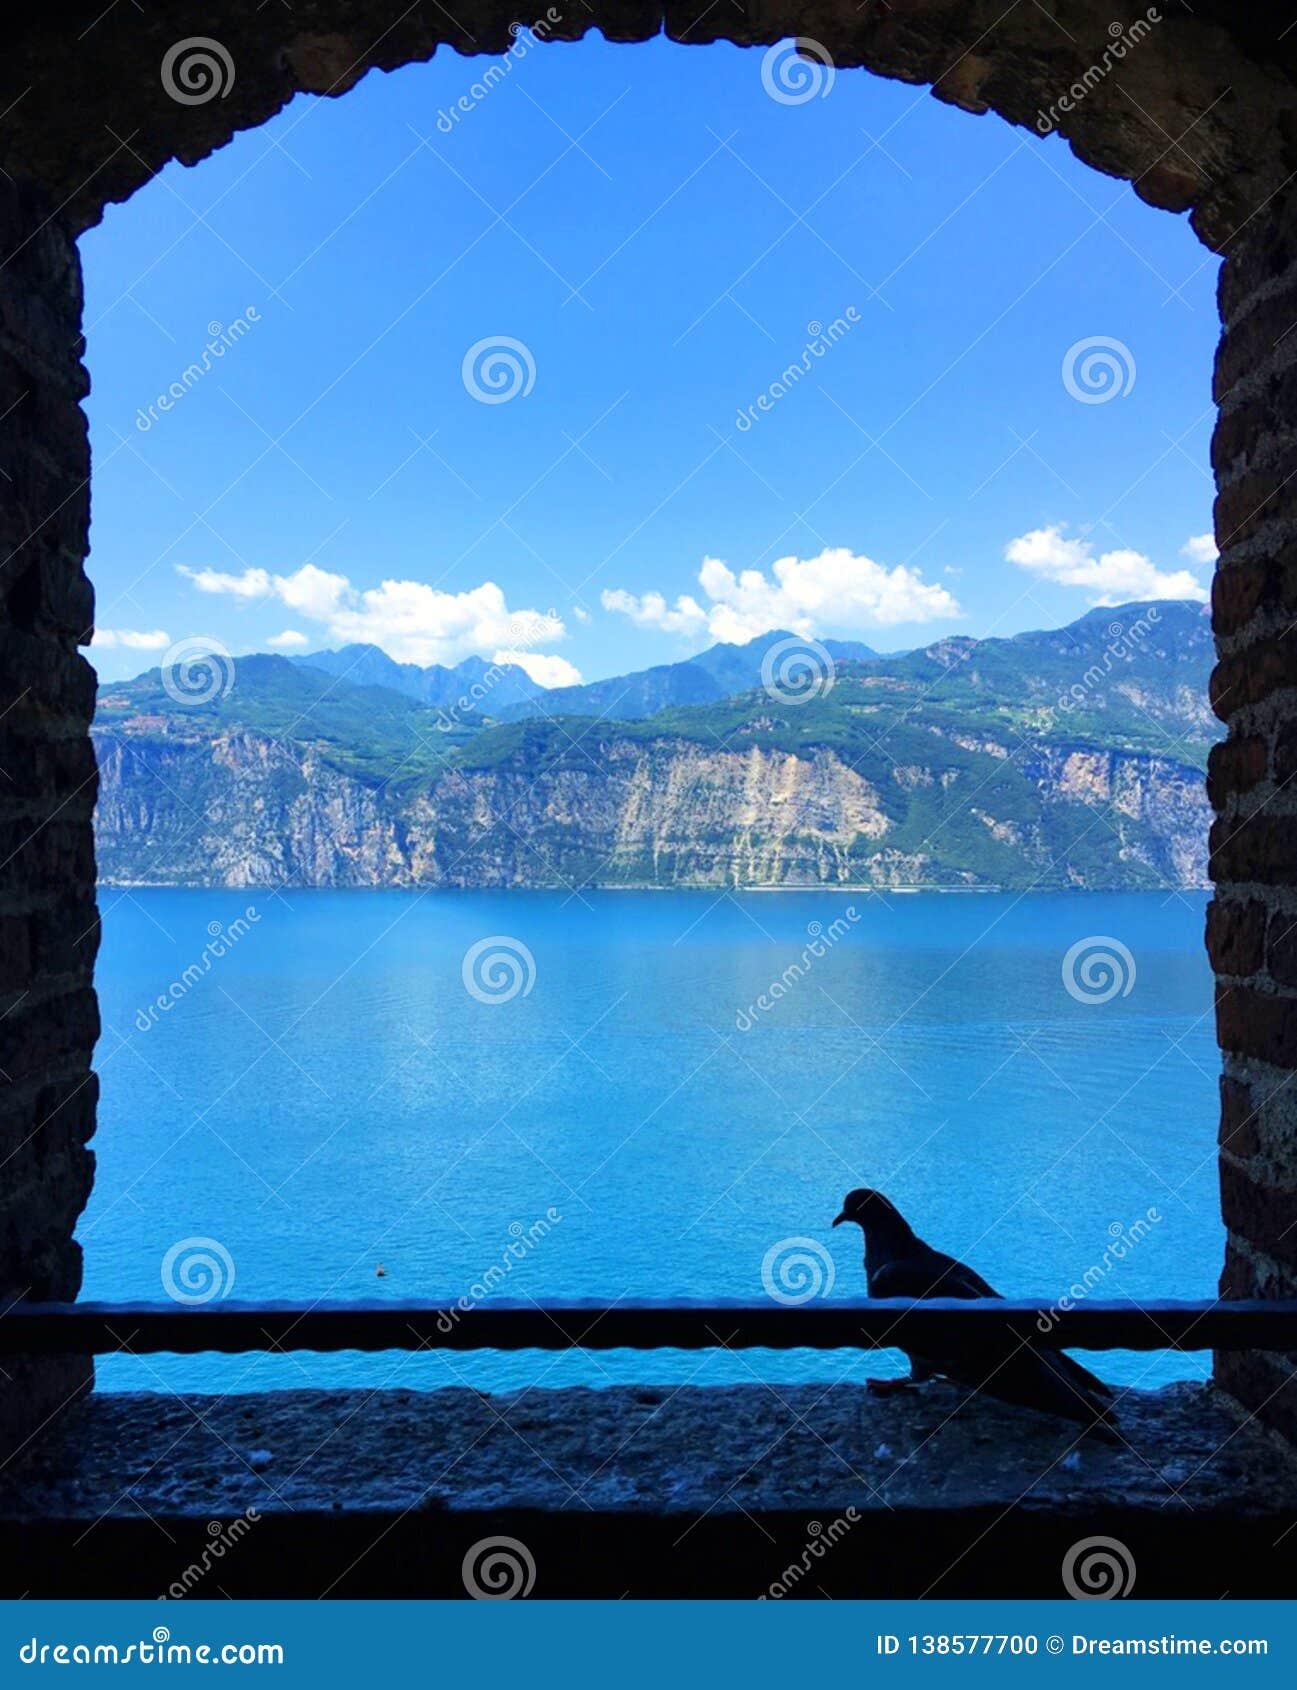 Mountain View durch ein offenes Fenster